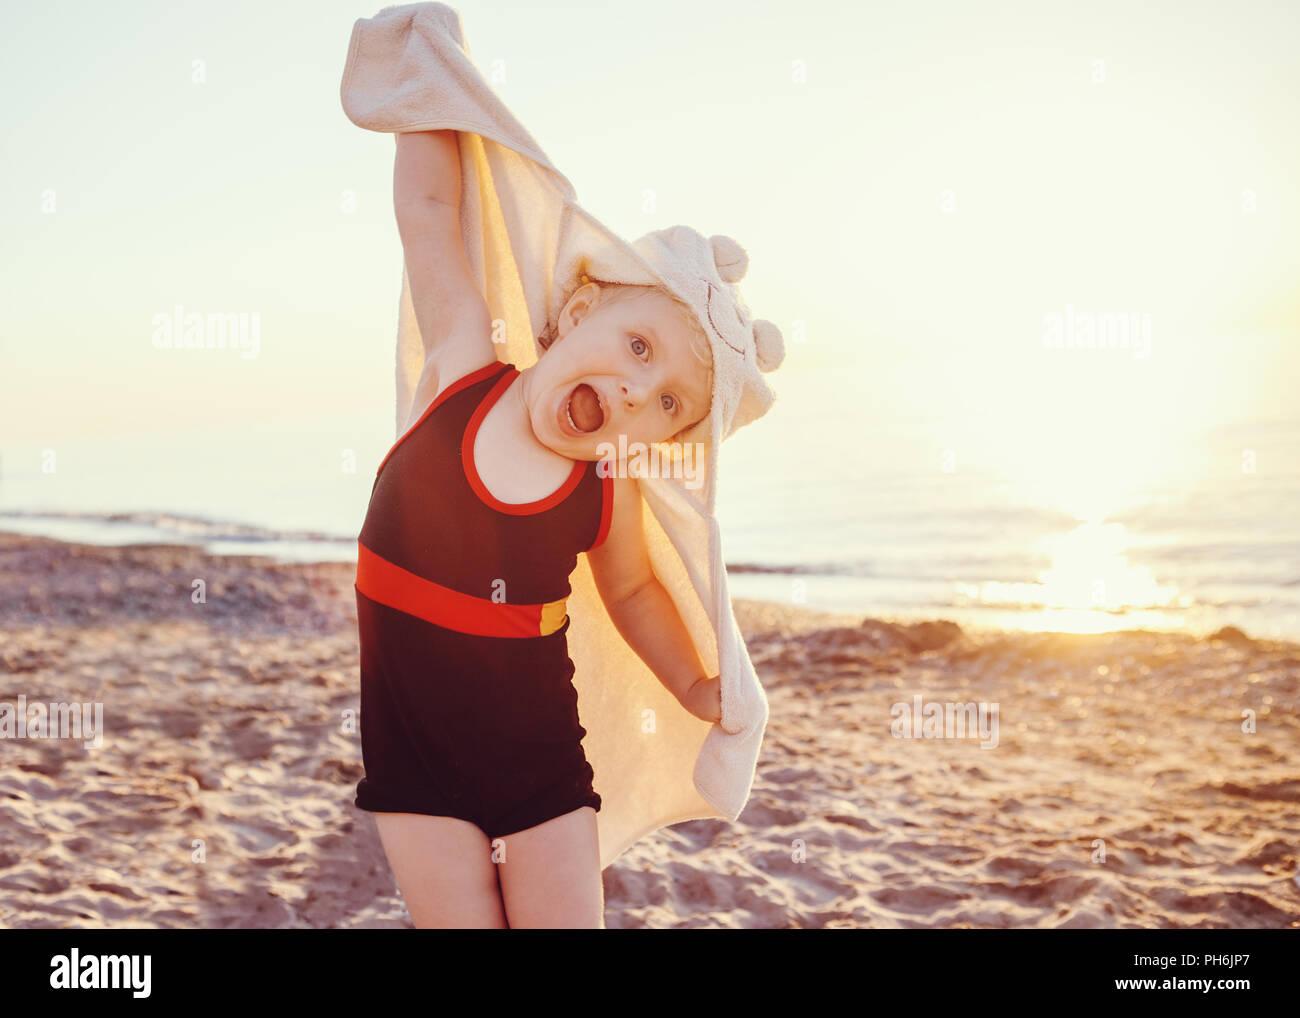 Portrait of cute adorable bambin happy smiling little Girl with towel on beach faire faces pose d'avoir l'amusement, l'expression émotionnelle face, style de su Banque D'Images